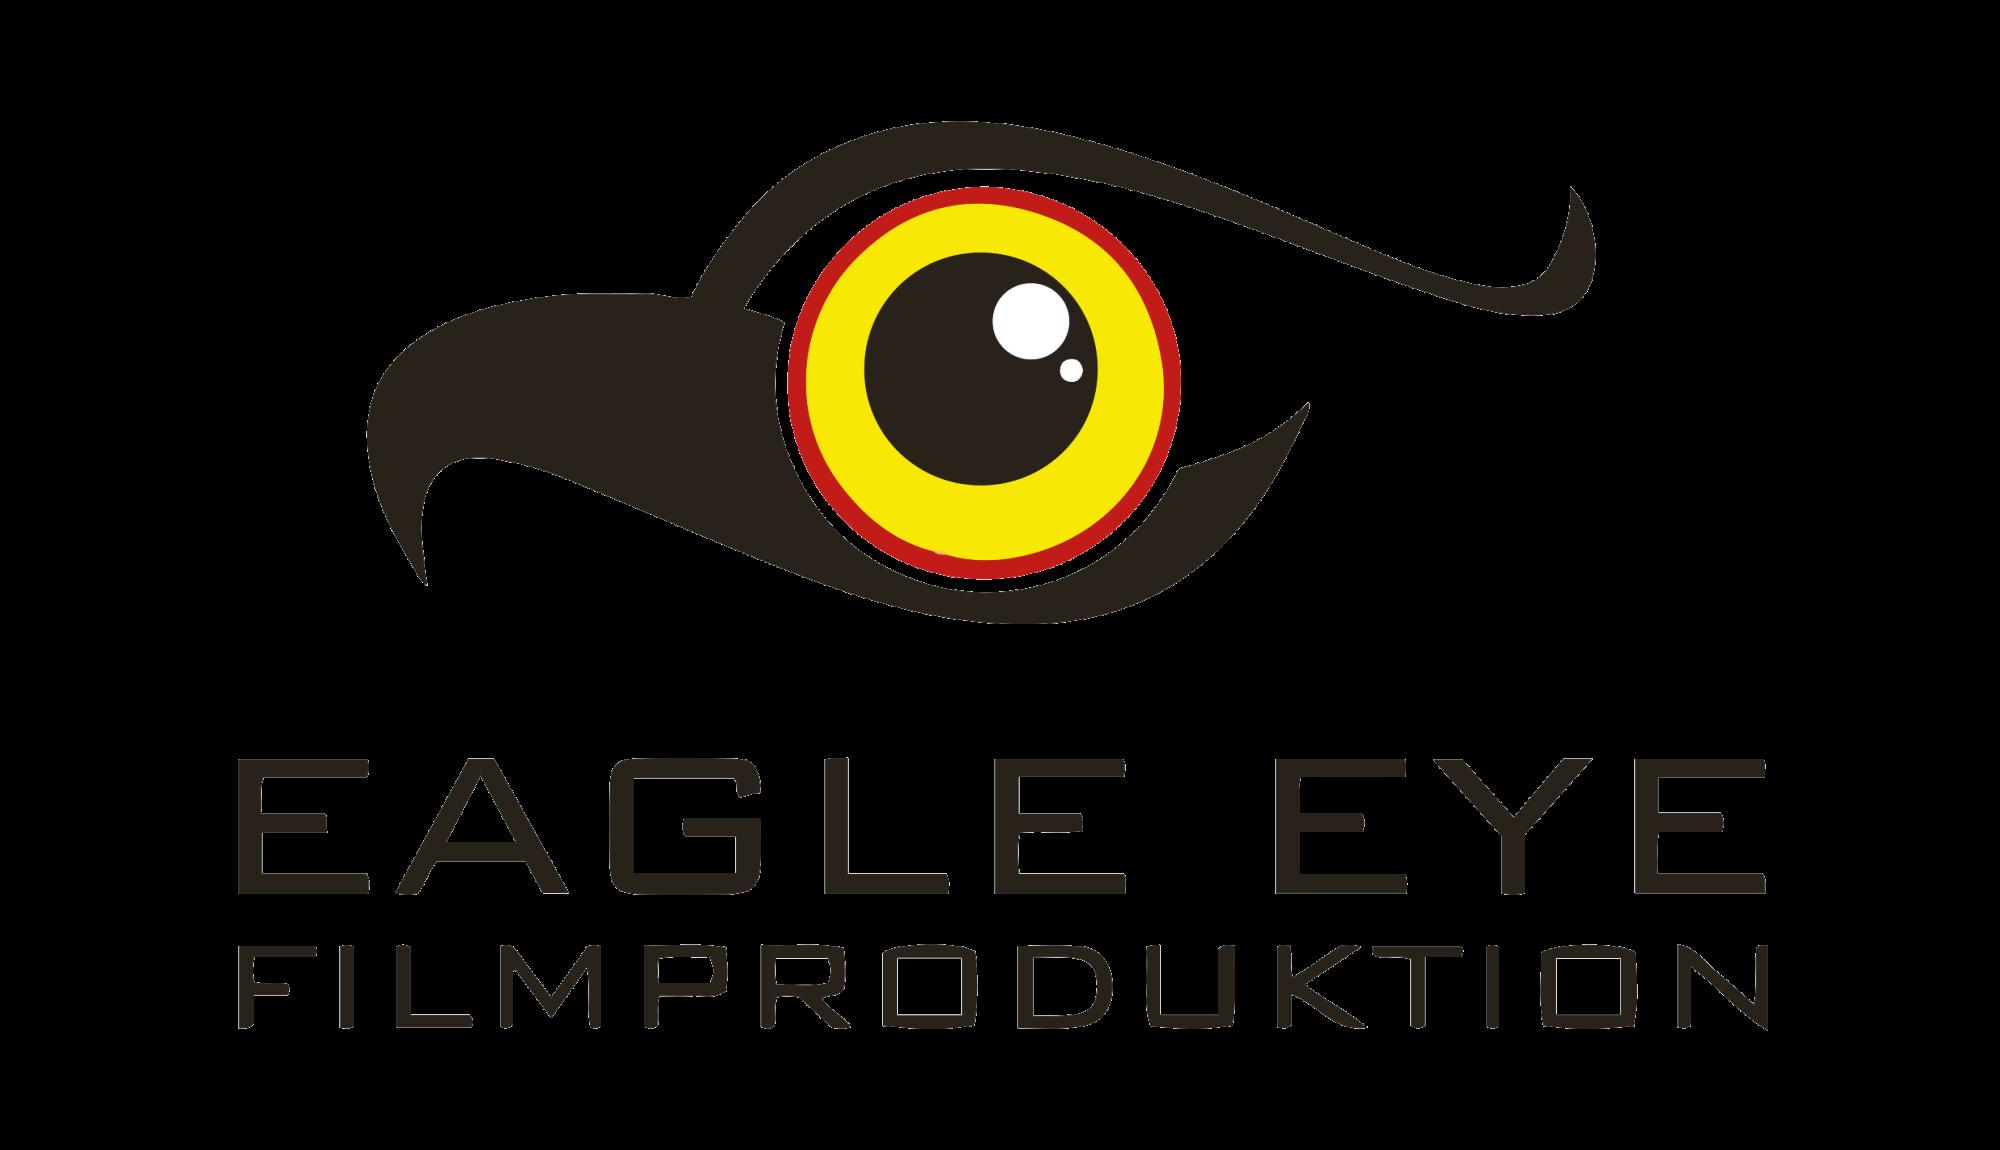 Eagle Eye Filmproduktion